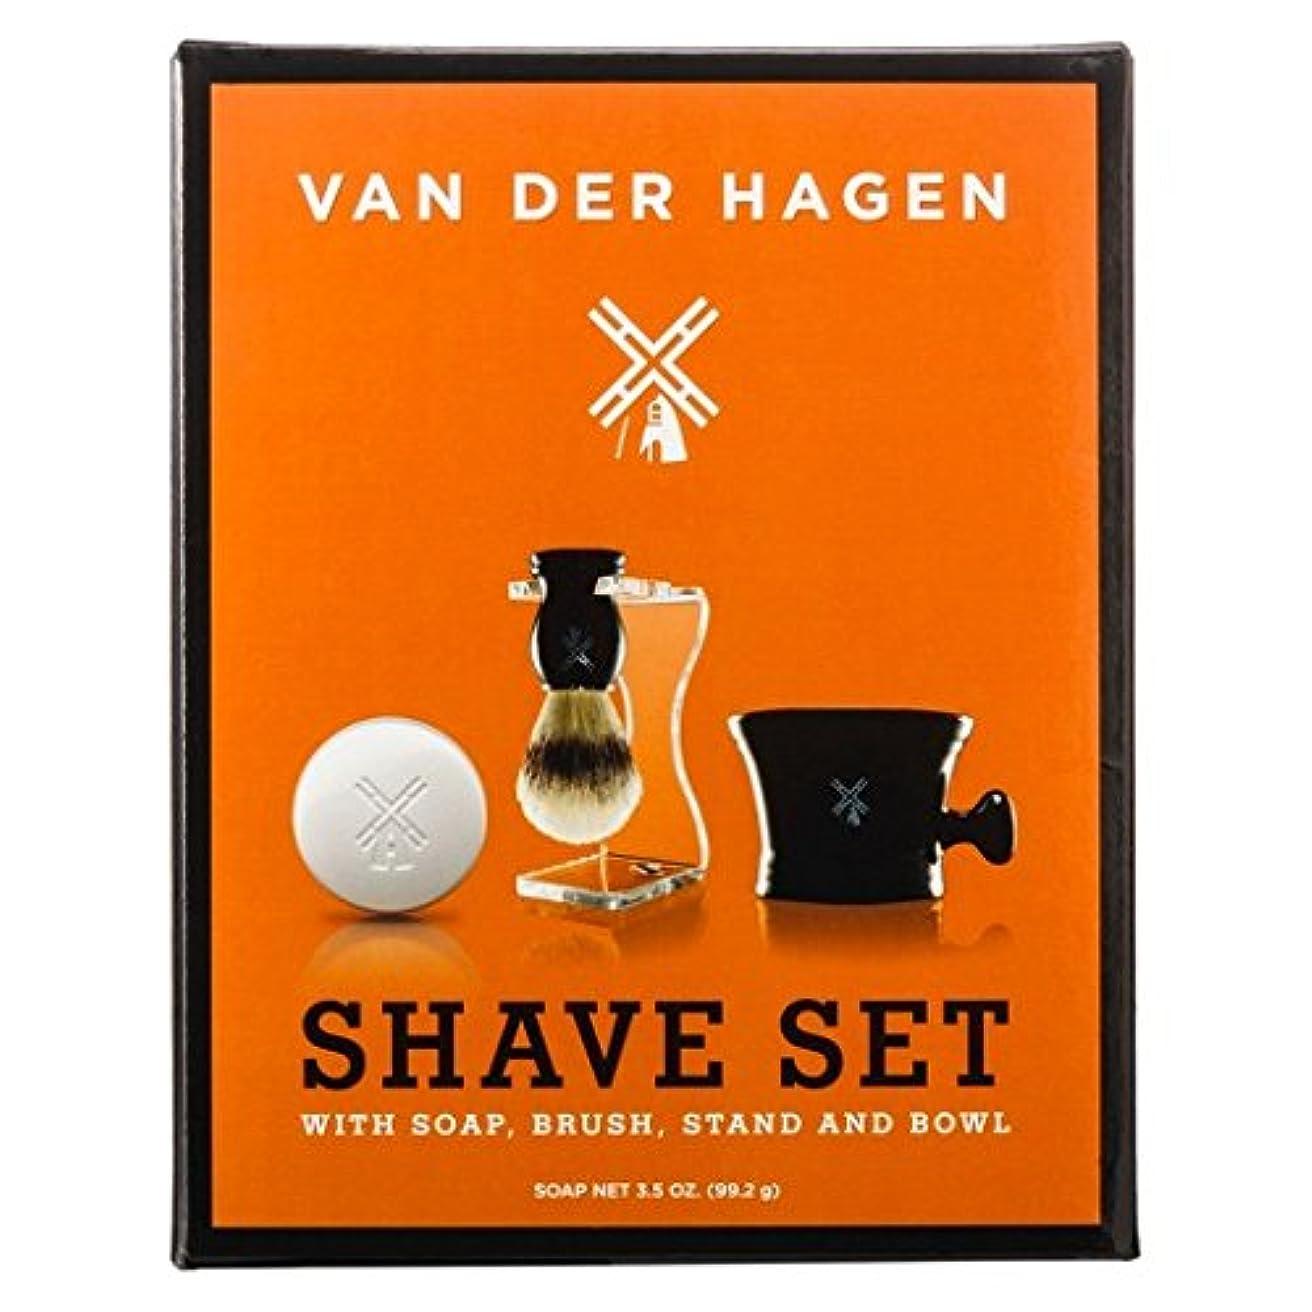 快適鉱夫導出Van der Hagen Premium 4 Piece Shave Set ファンデルハーゲンプレミアム4ピースシェーブセット [並行輸入品]